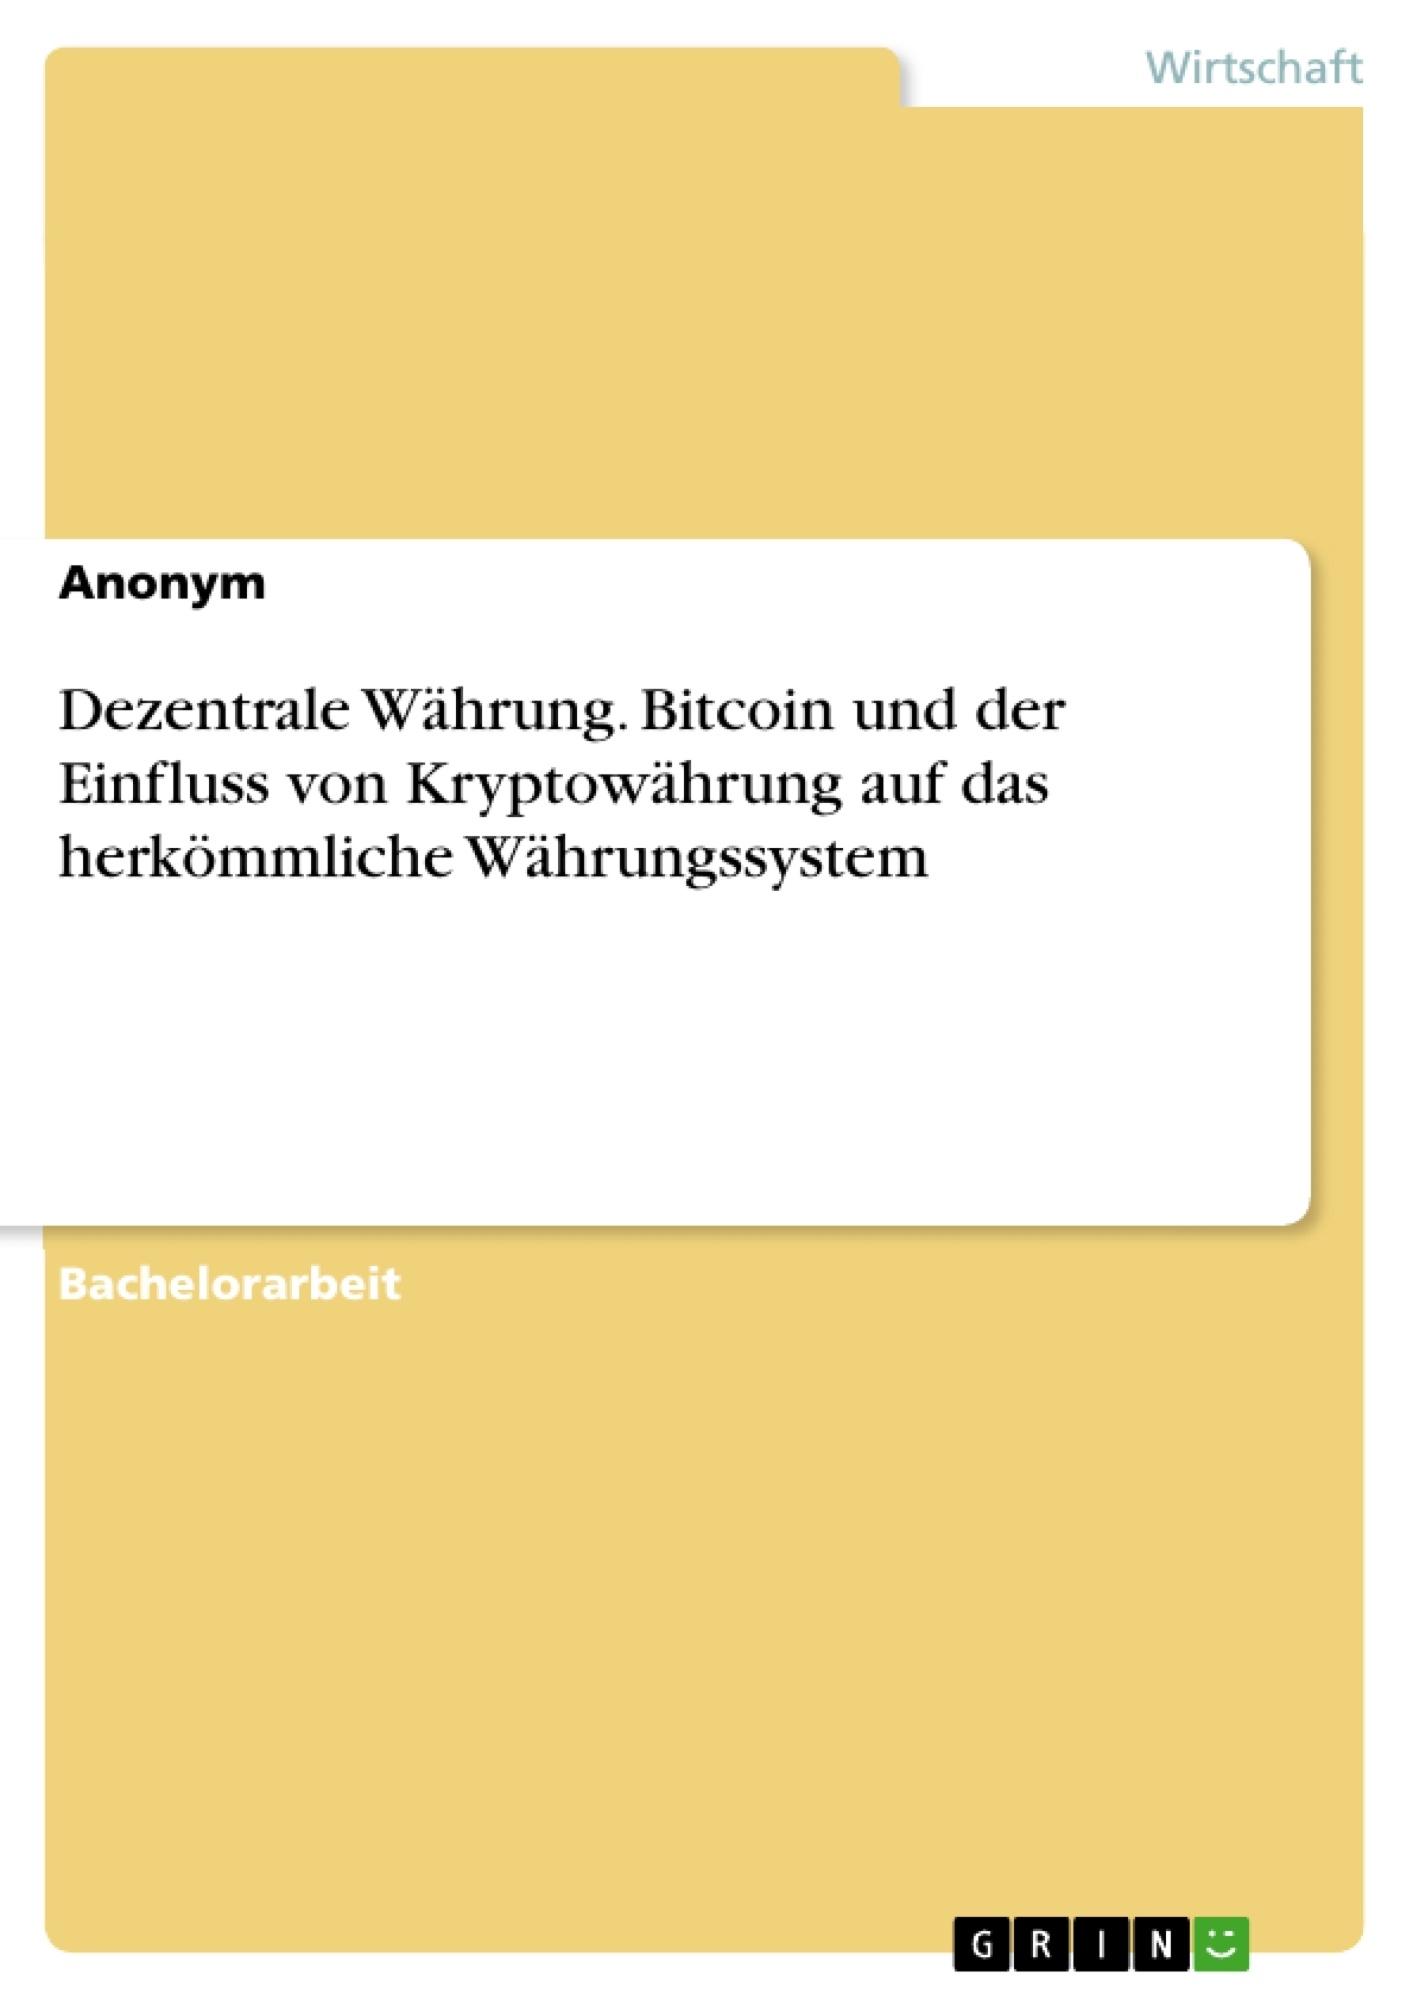 Titel: Dezentrale Währung. Bitcoin und der Einfluss von Kryptowährung auf das herkömmliche Währungssystem